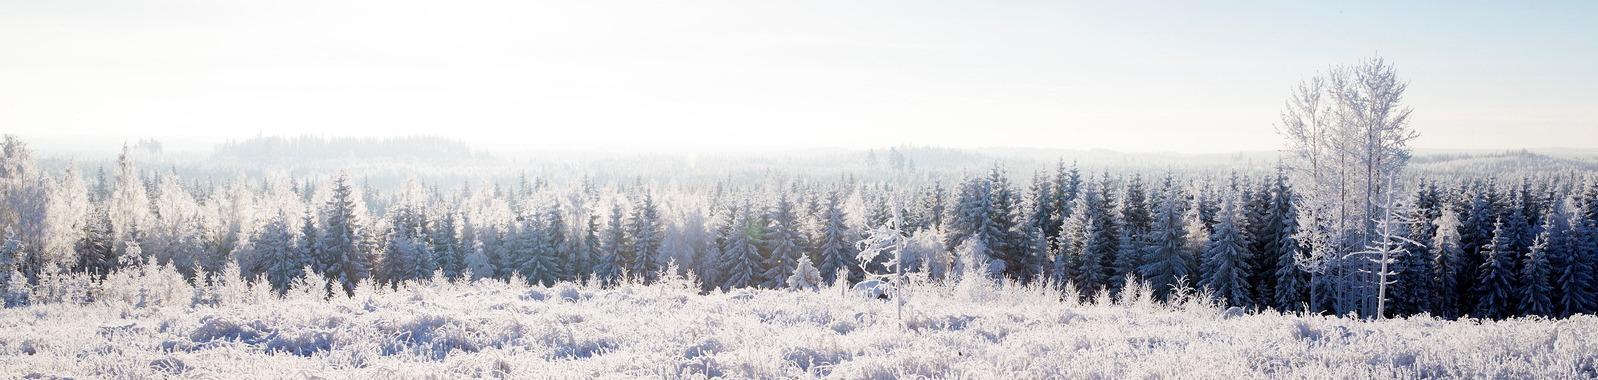 7 syytä lannoittaa metsää